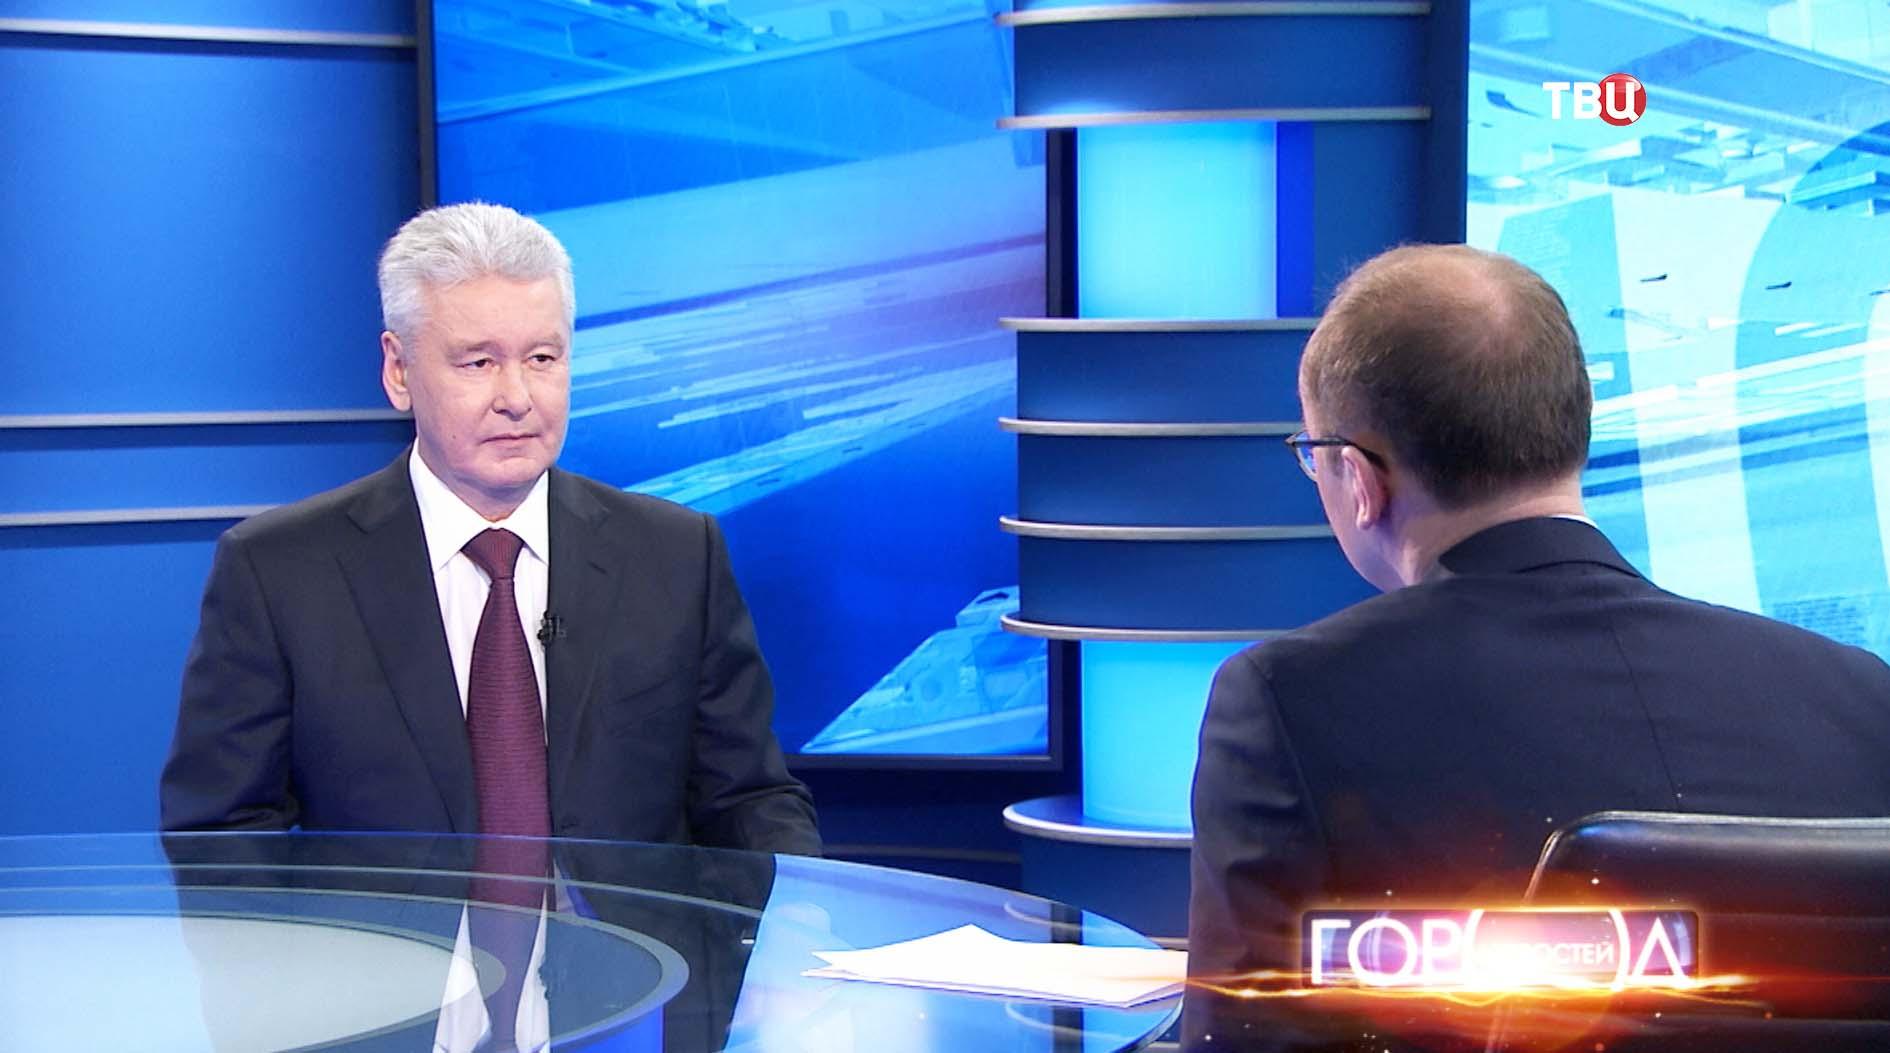 Мэр Москвы Сергей Собянин во время интервью